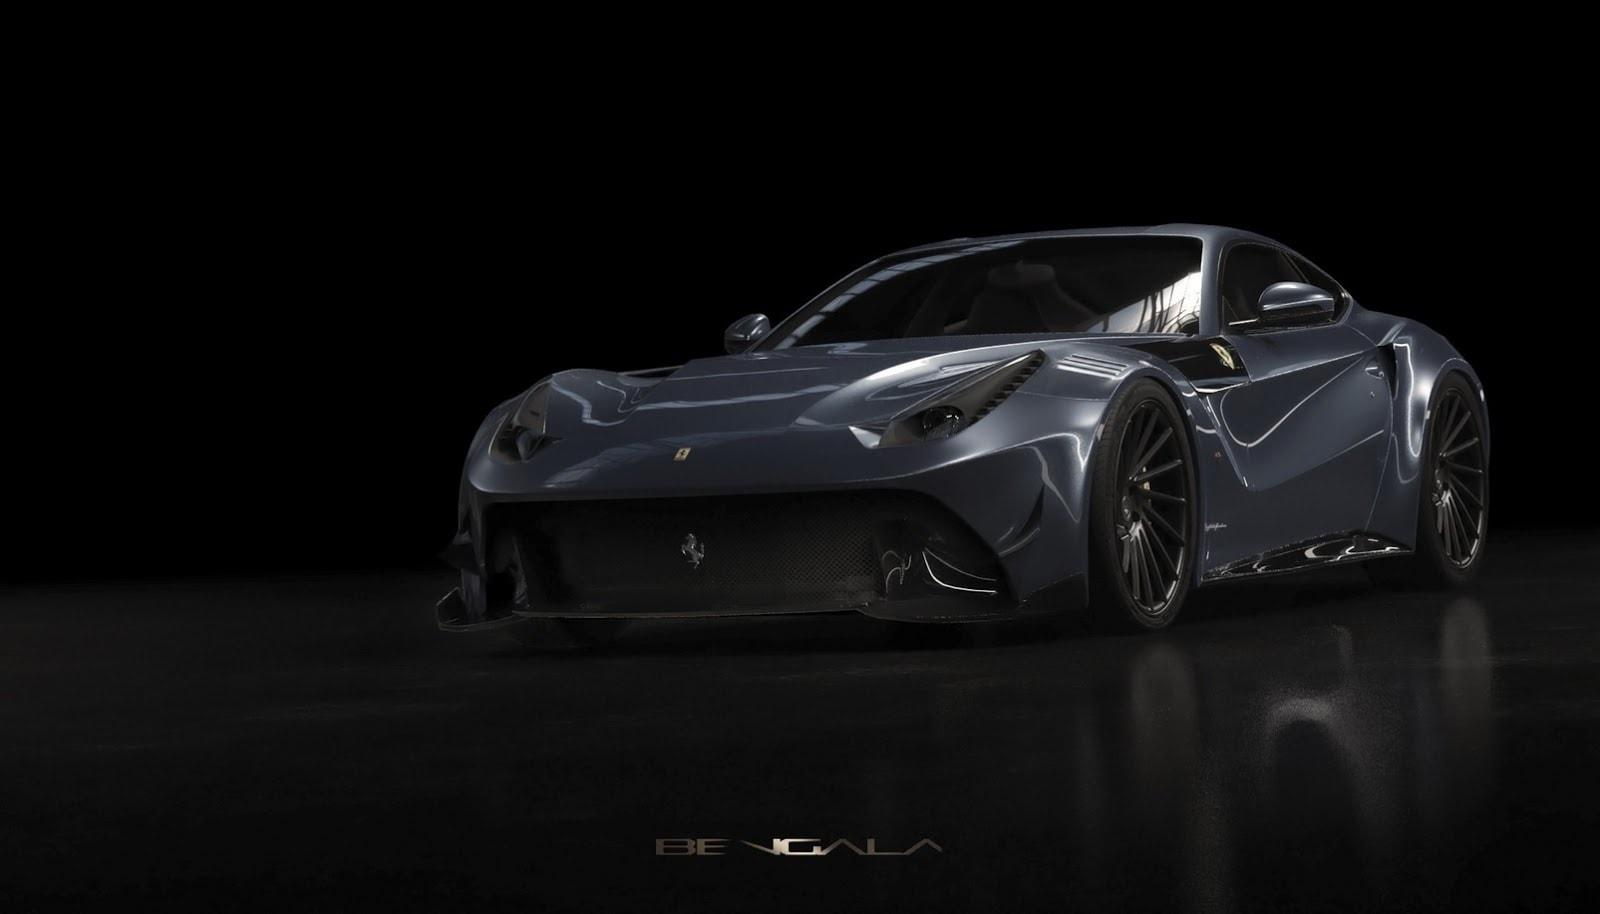 ¡Un Batimóvil Ferrari! La firma española Bengala ha lanzado su agresivo Ferrari F12 Caballería en fibra de carbono